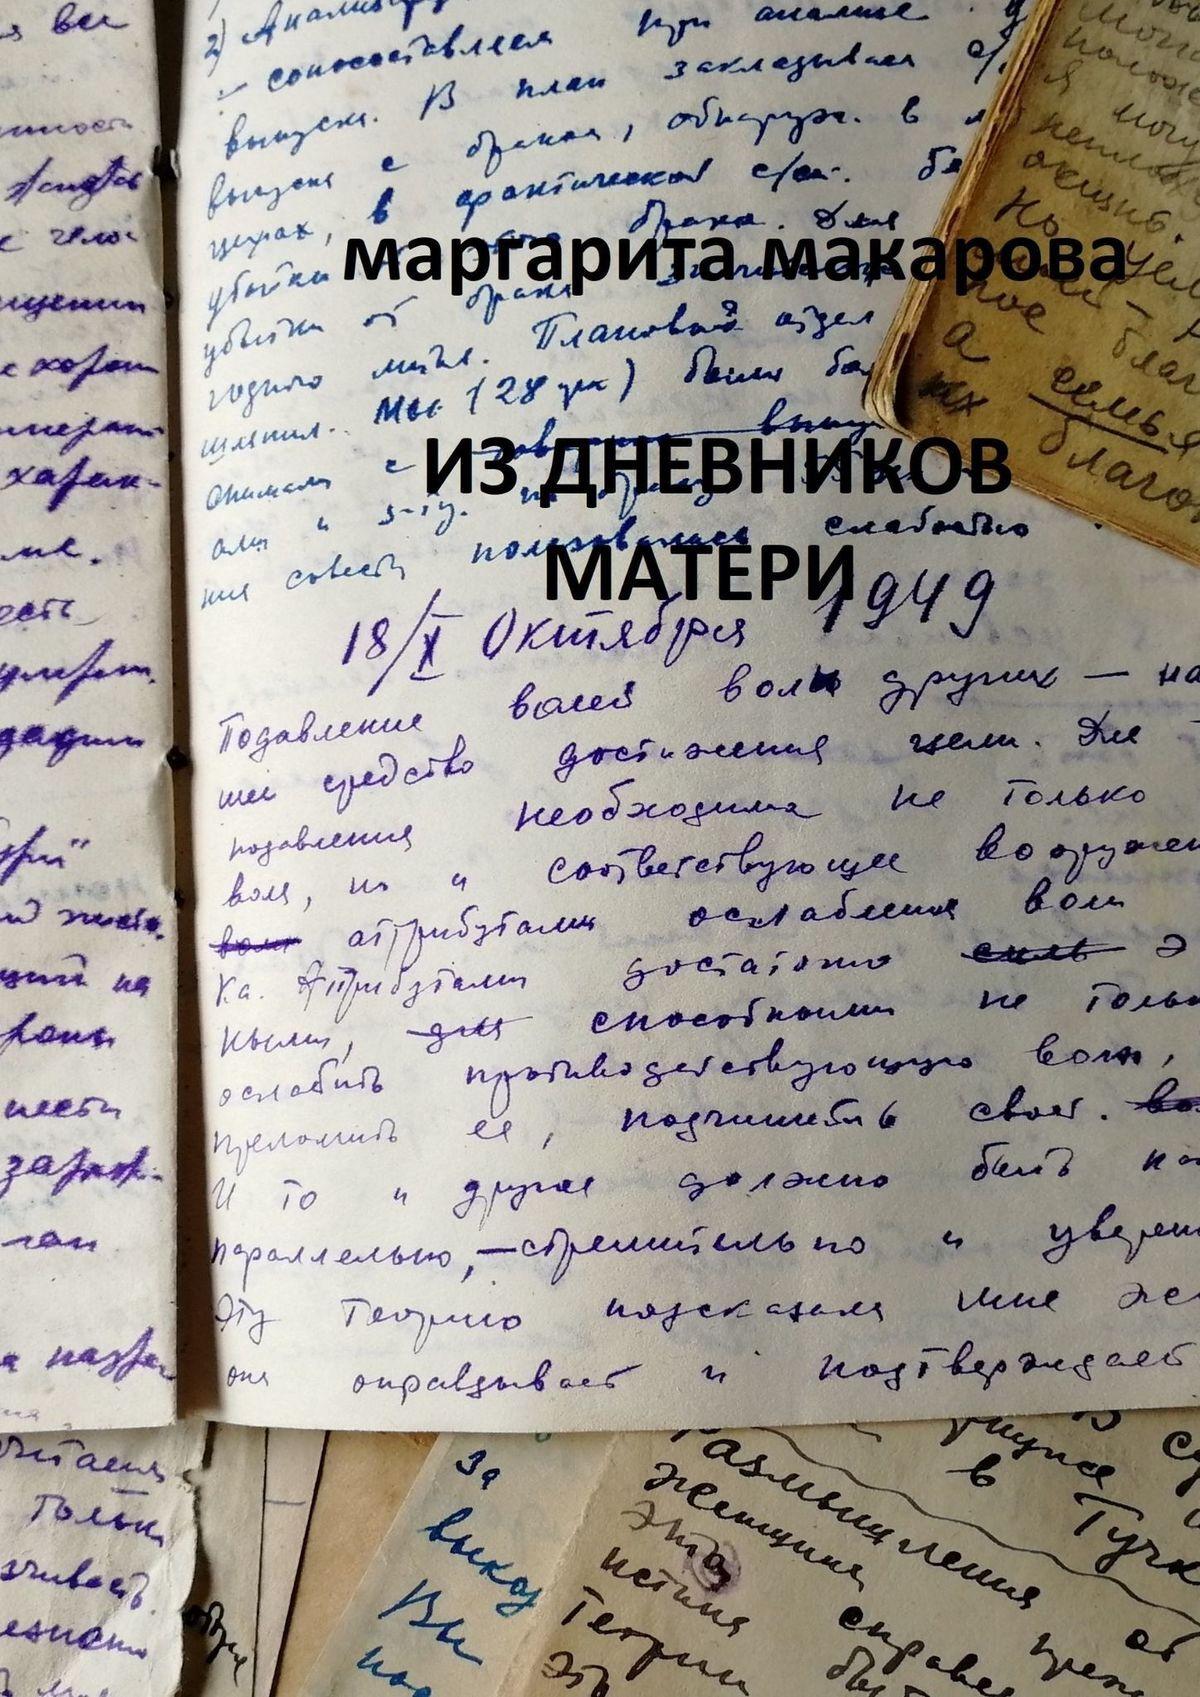 Издневников матери. Дневники